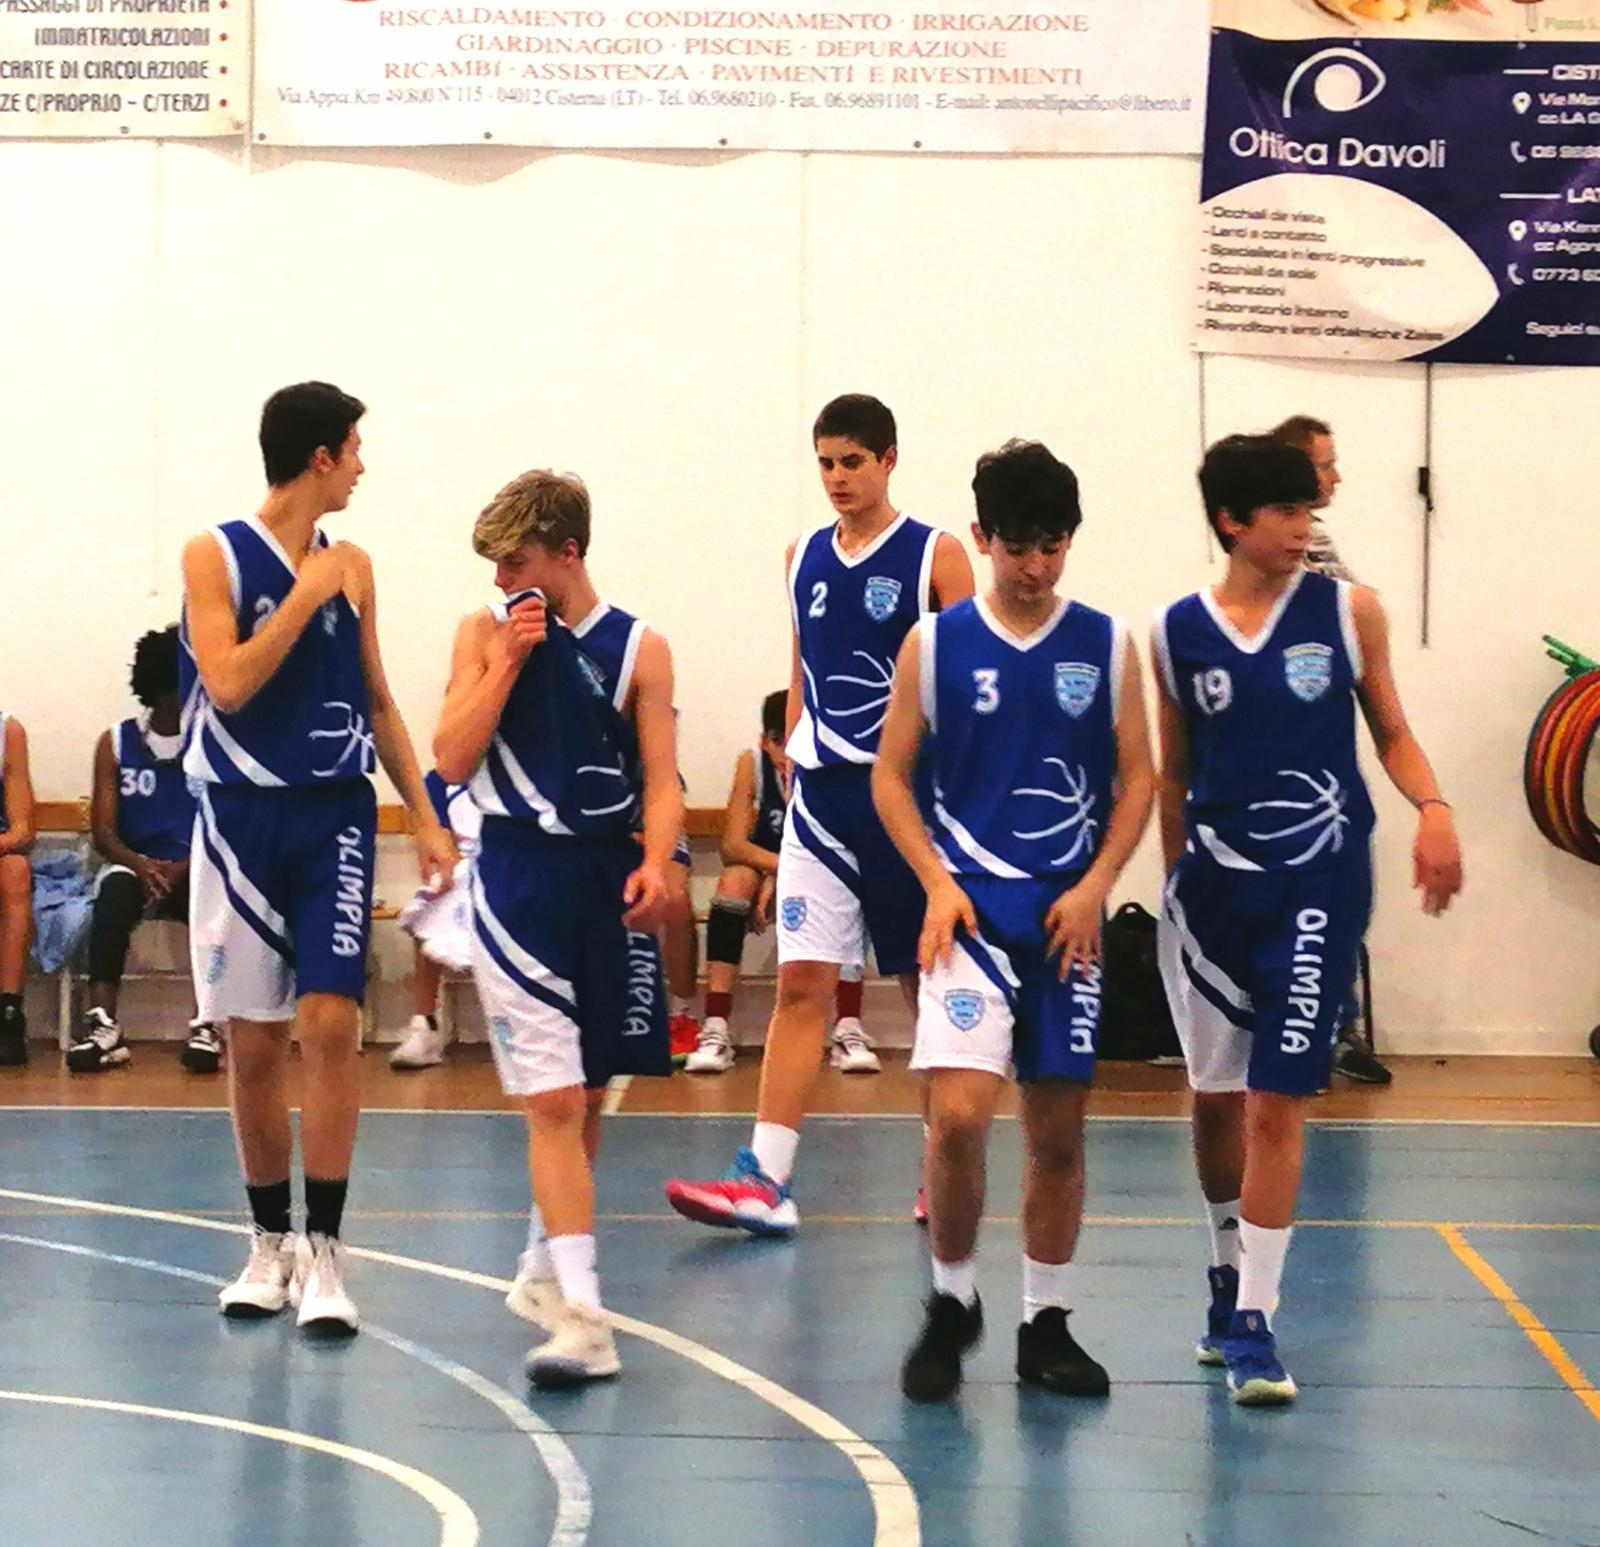 U16S Eurobasket - Olimpia Roma 62-74 1